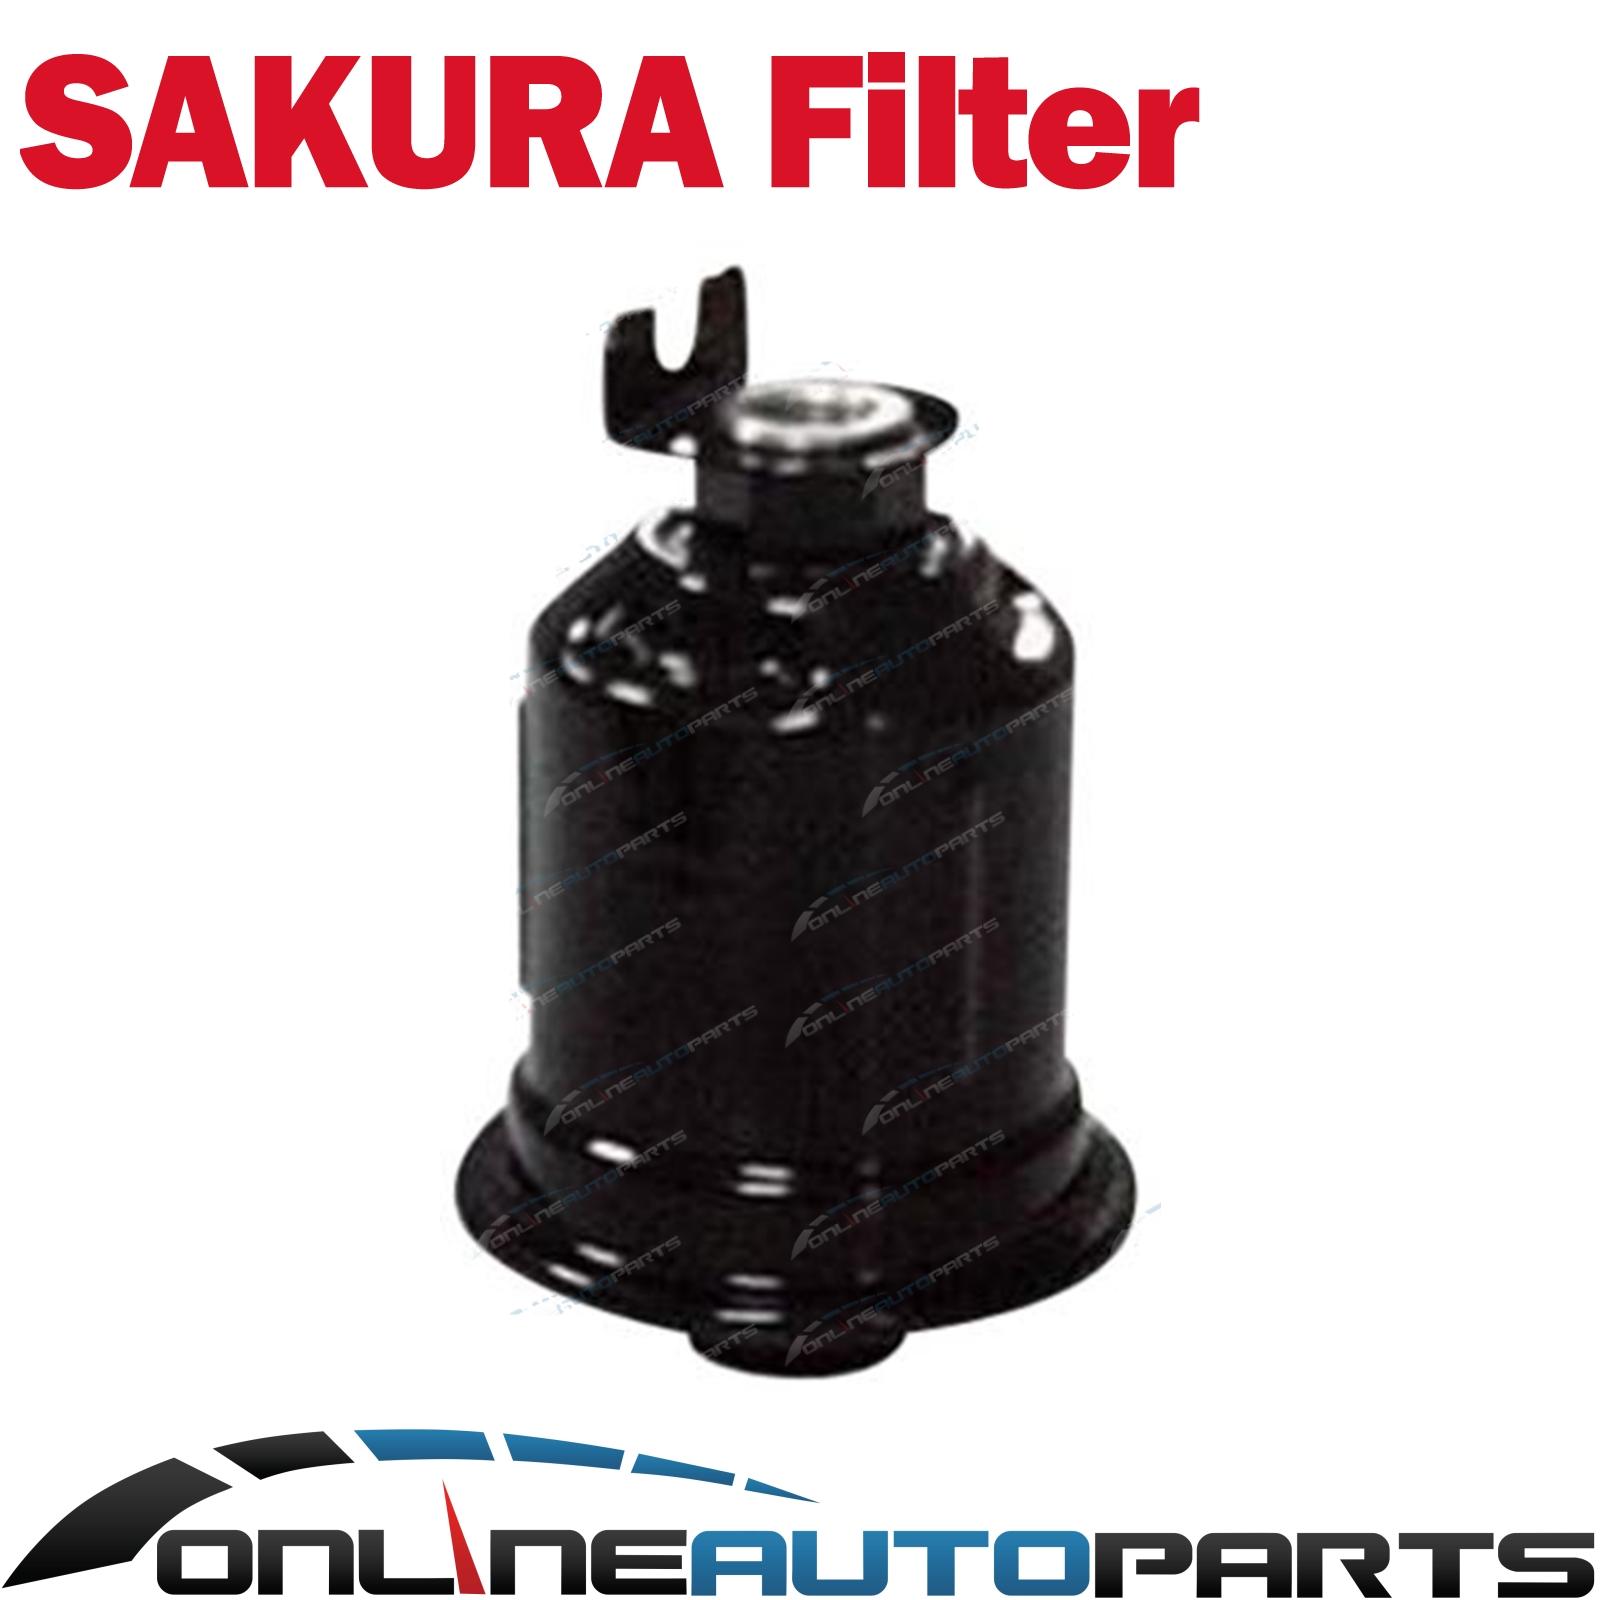 hight resolution of sakura fuel filter suits toyota rav4 sxa10r sxa11r 2 0l 4cyl 3s fe 1994